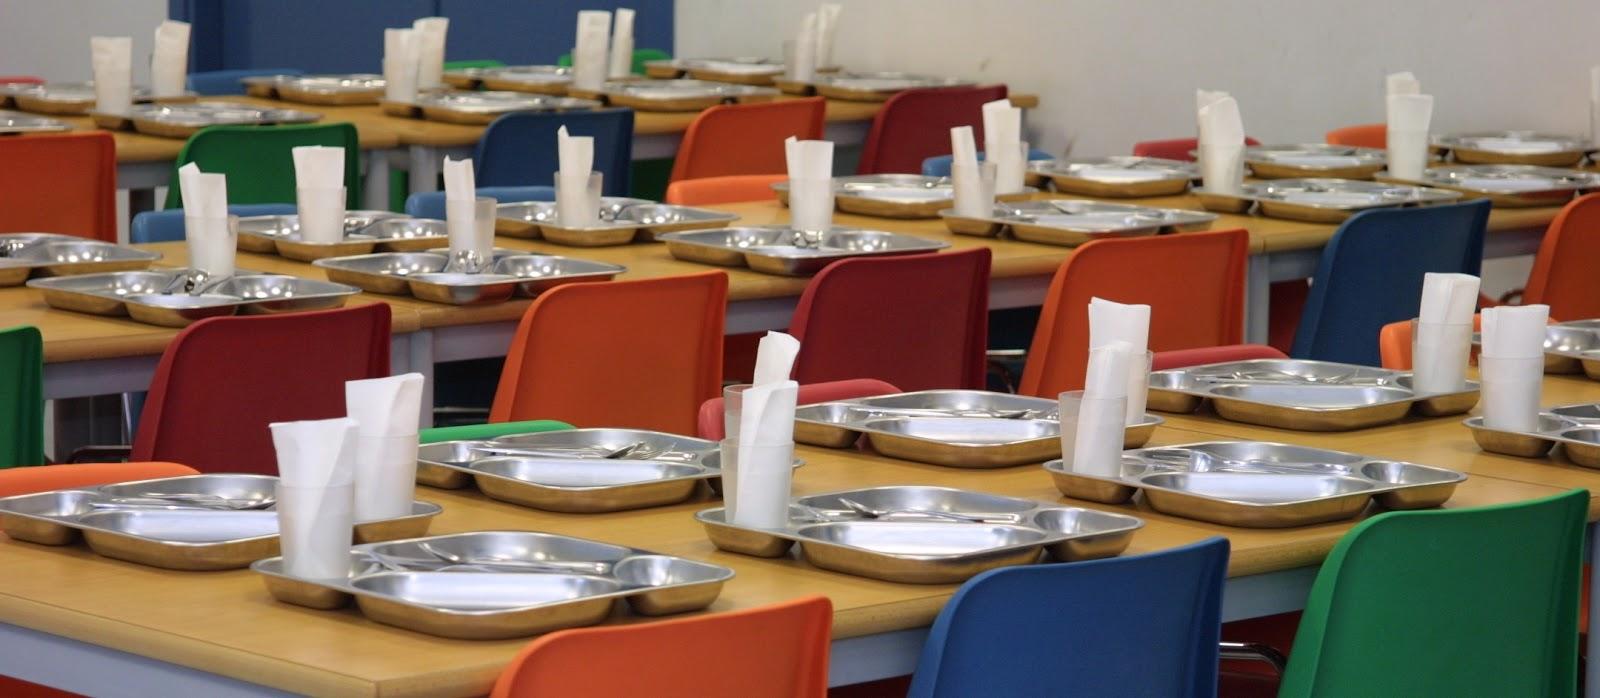 Impresos de matricula y servicios complementarios en el for Comedor escolar